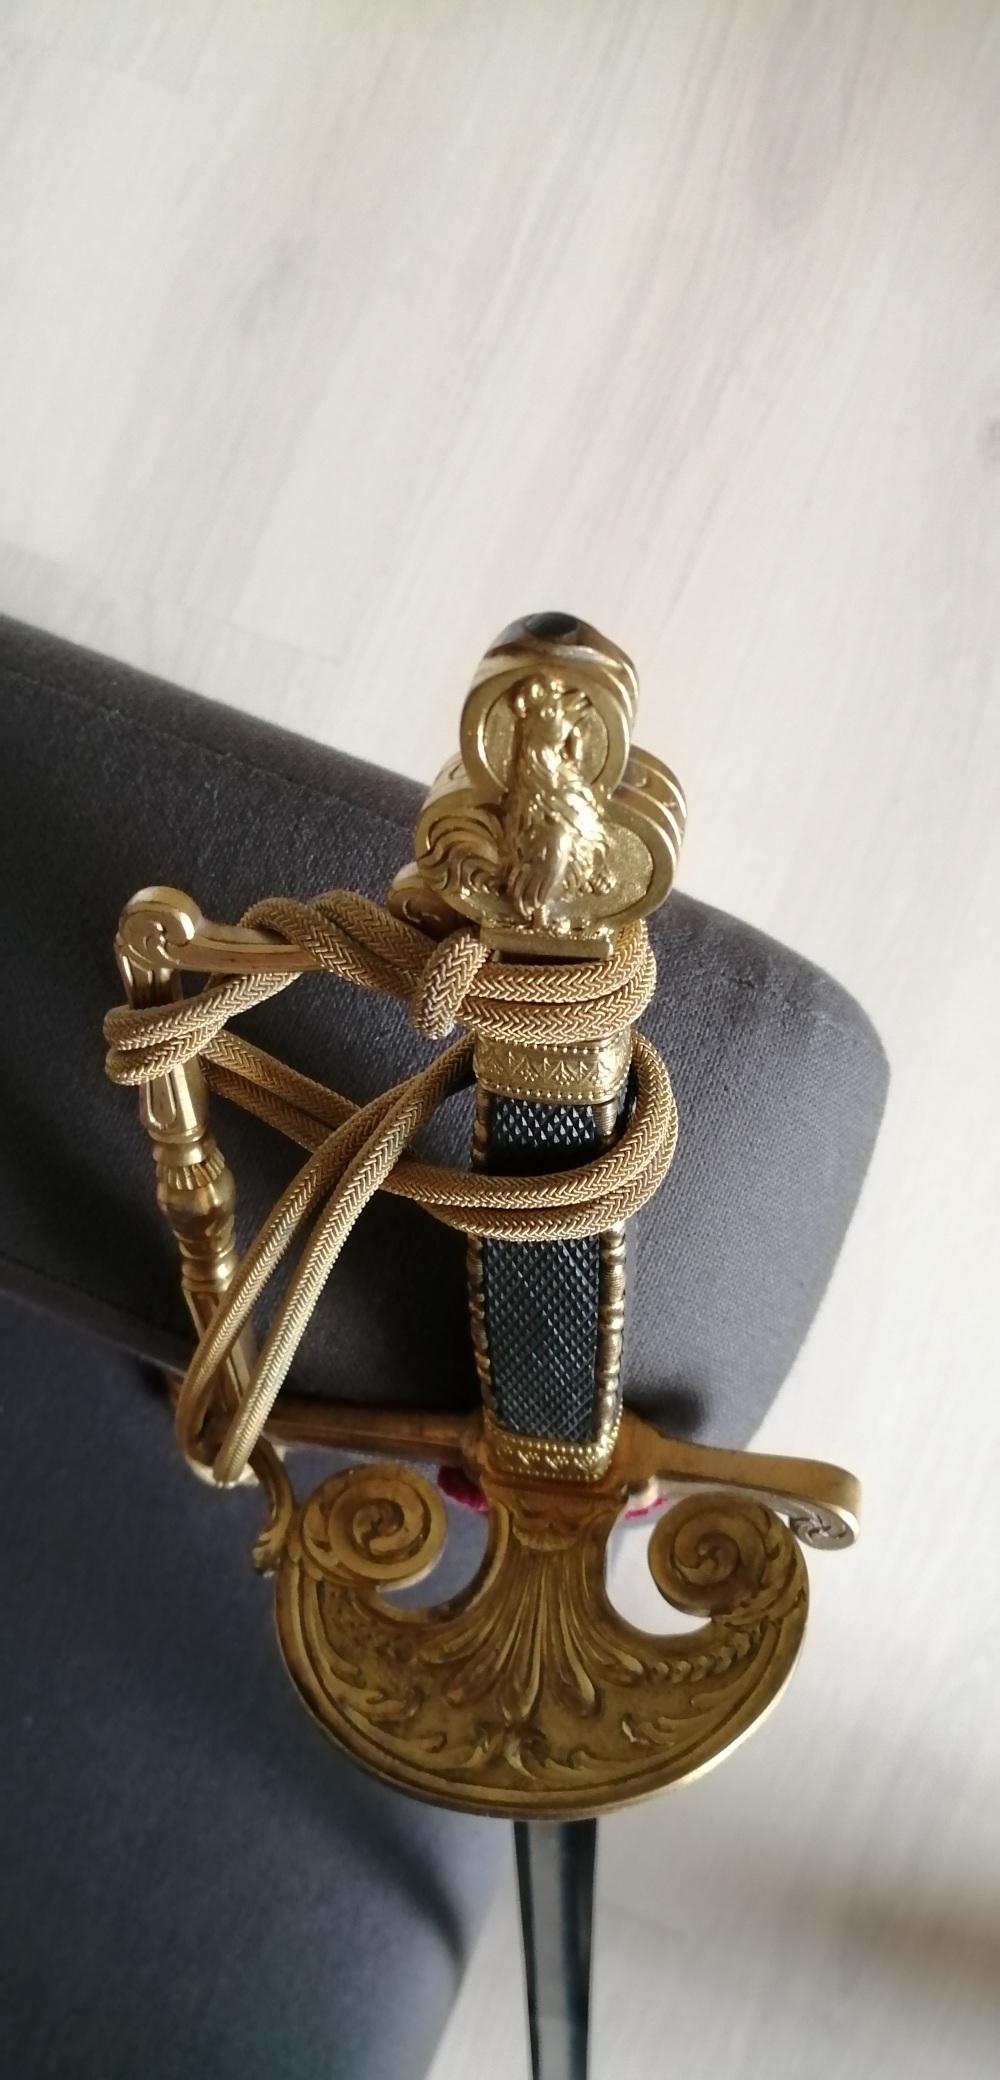 épée glaive de commissaire des guerres  Ecg310